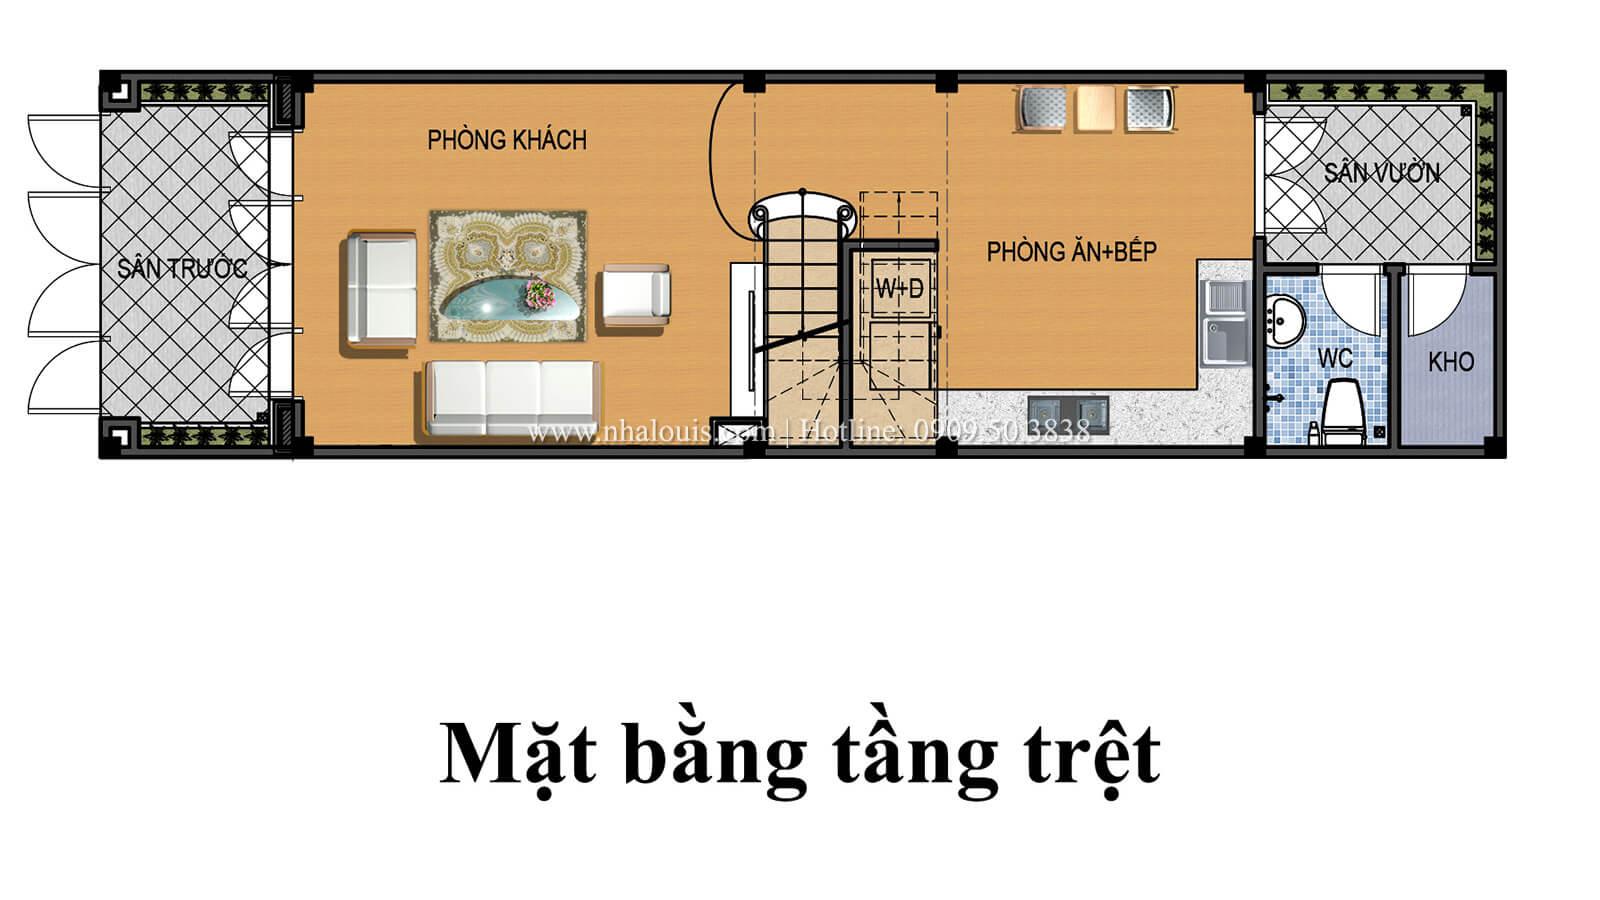 Mặt bằng tầng trệt Nhà 4×15 tại Gò Vấp đẹp kiêu sa với phong cách tân cổ điển - 04